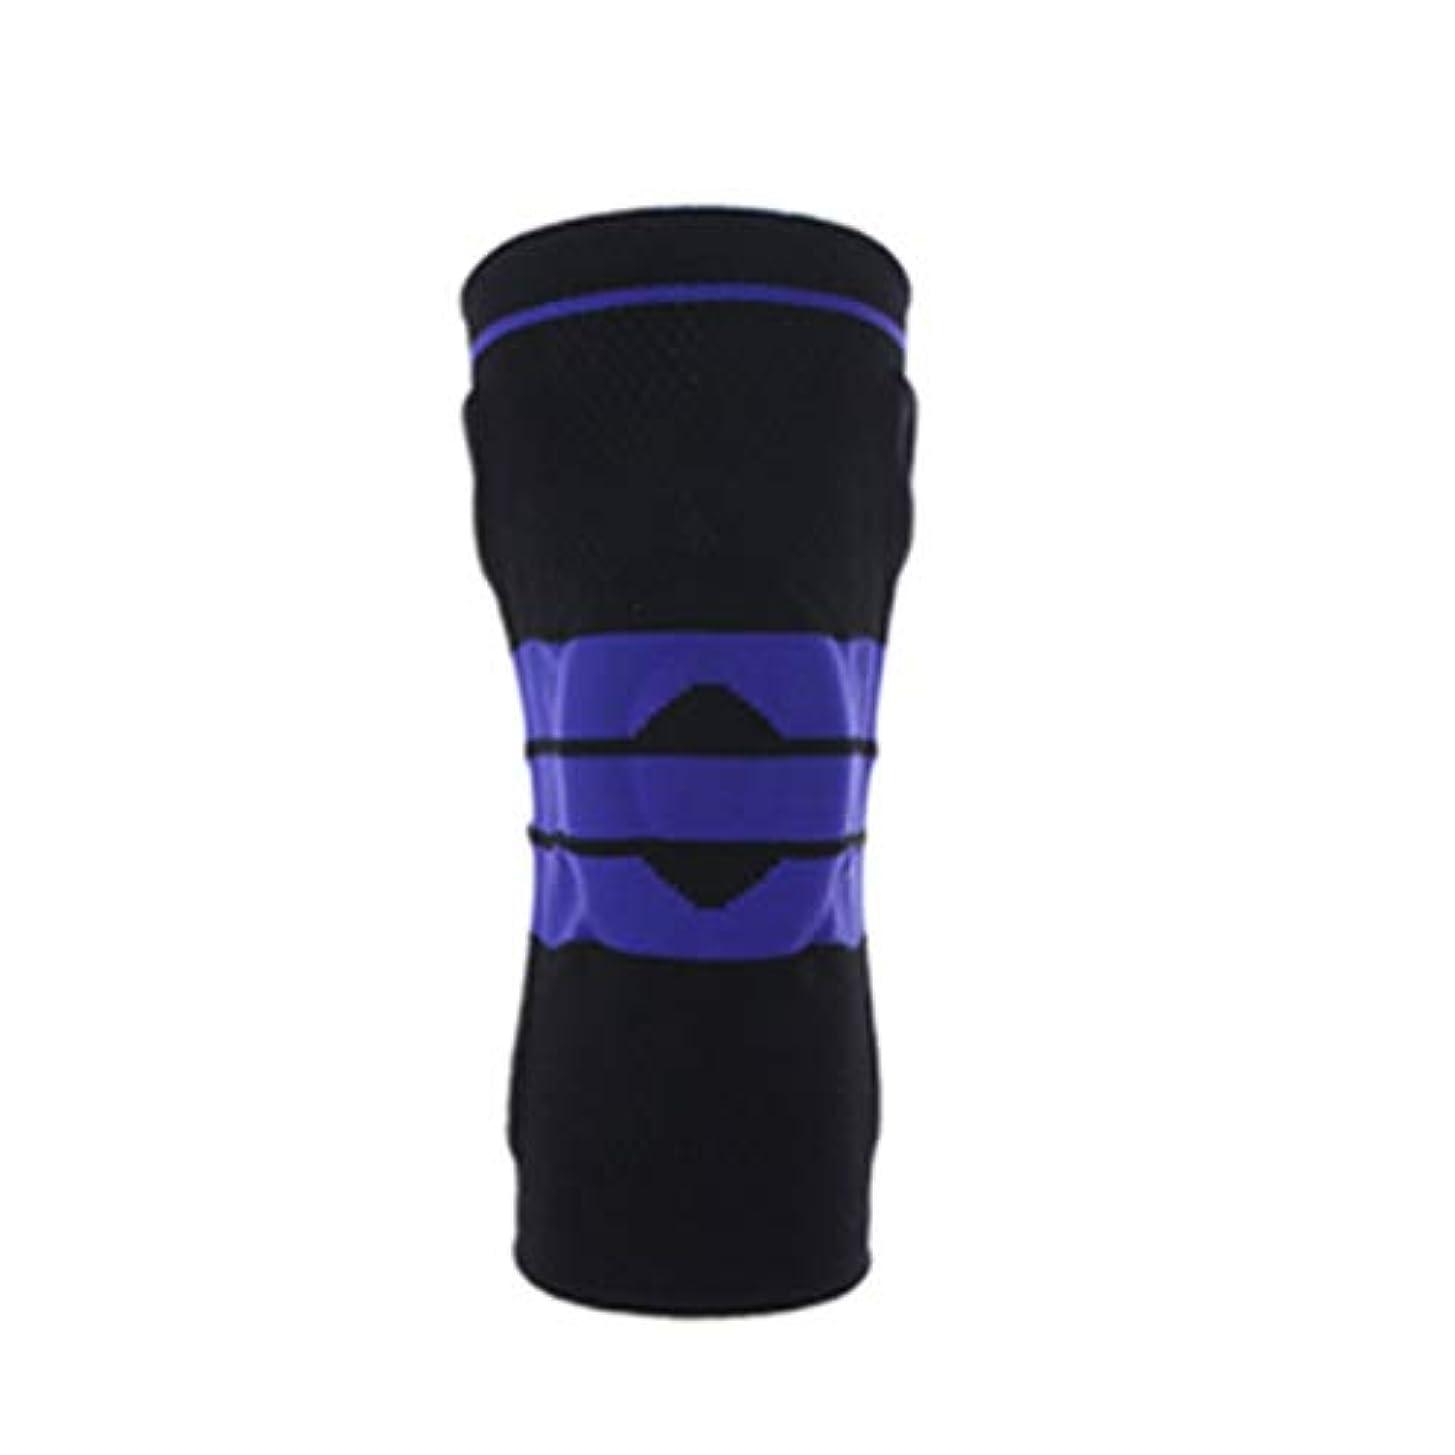 うん増幅器電圧男性と女性のスポーツ膝パッドシリコーンスプリングニット膝パッドバスケットボール-Rustle666